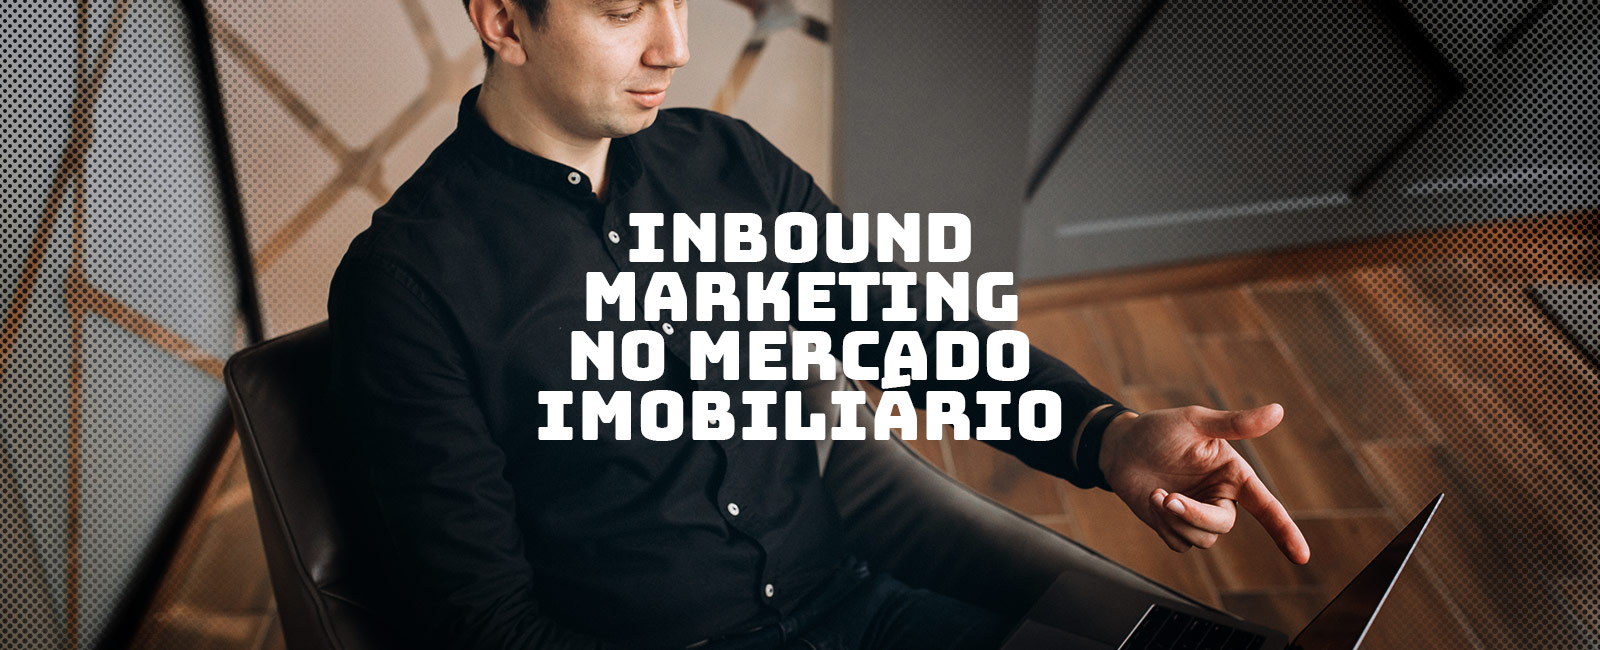 Inbound Marketing imobiliário: ofereça mais que imóveis